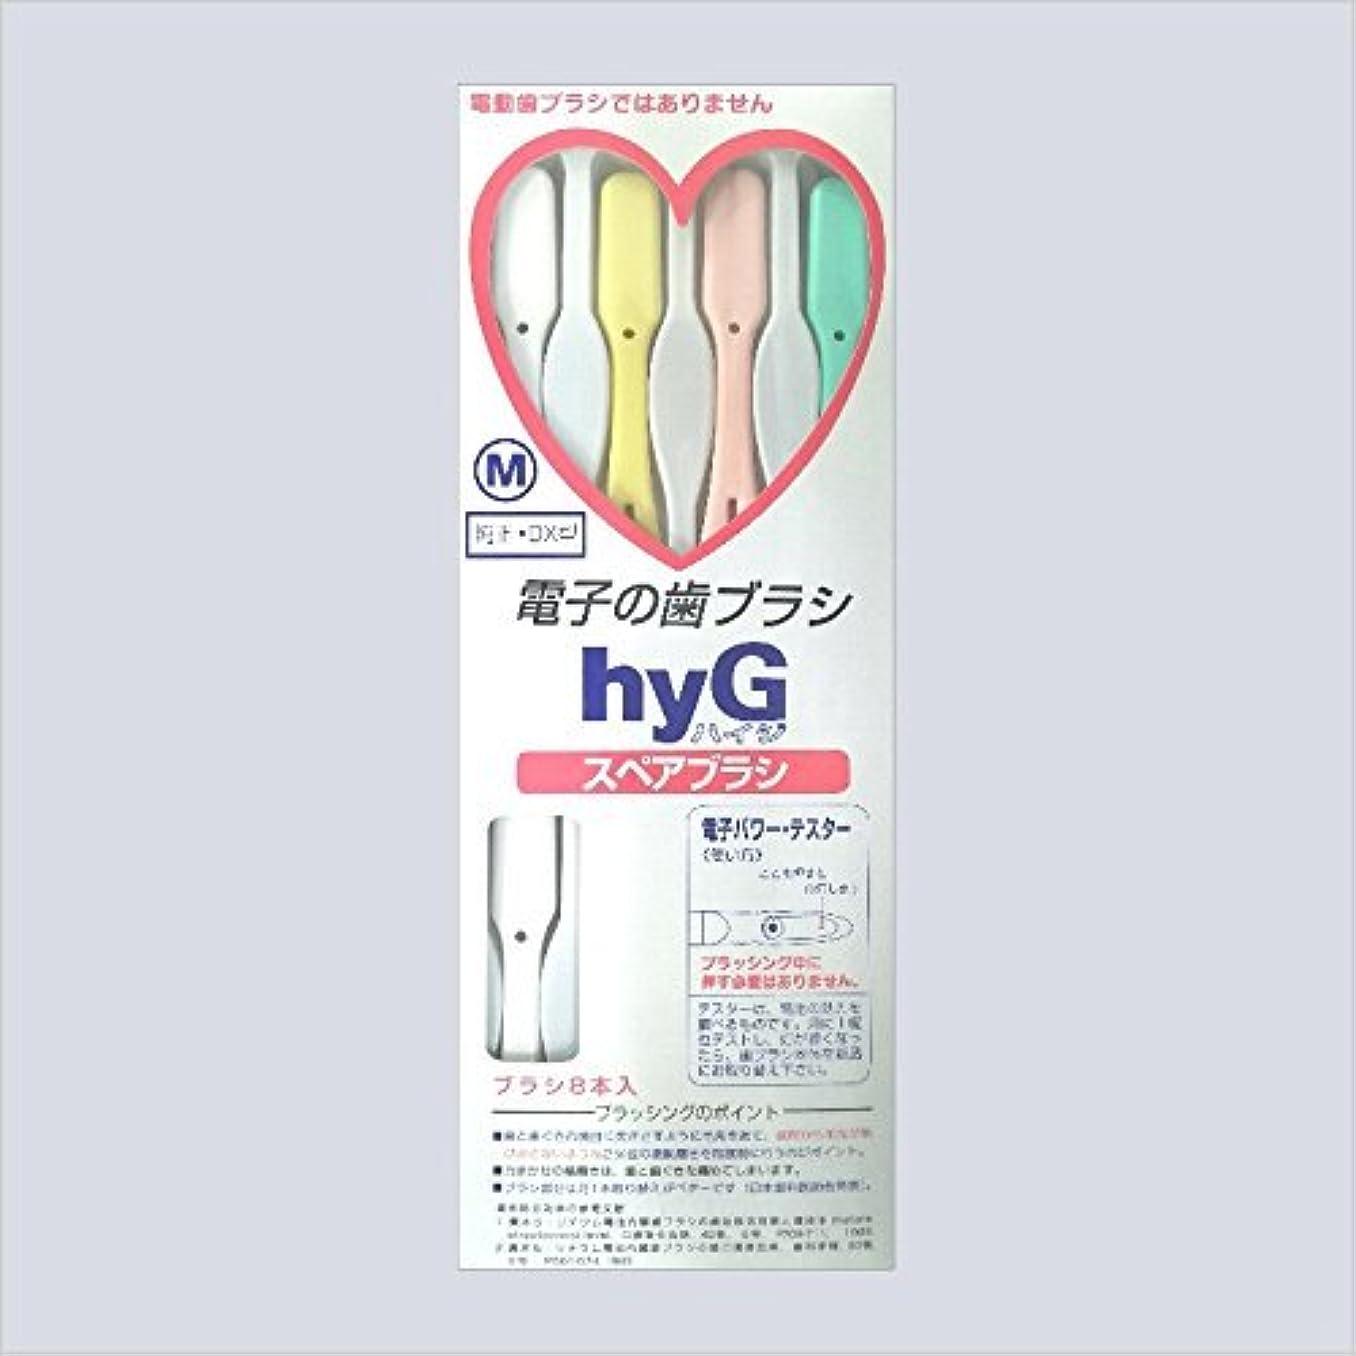 苦味並外れて多くの危険がある状況電子の歯ブラシ ハイジ(hyG)?スペアブラシ <ブラシの硬さ:Hかため> (※こちらは「スペアブラシ」です )?hyG-DX型